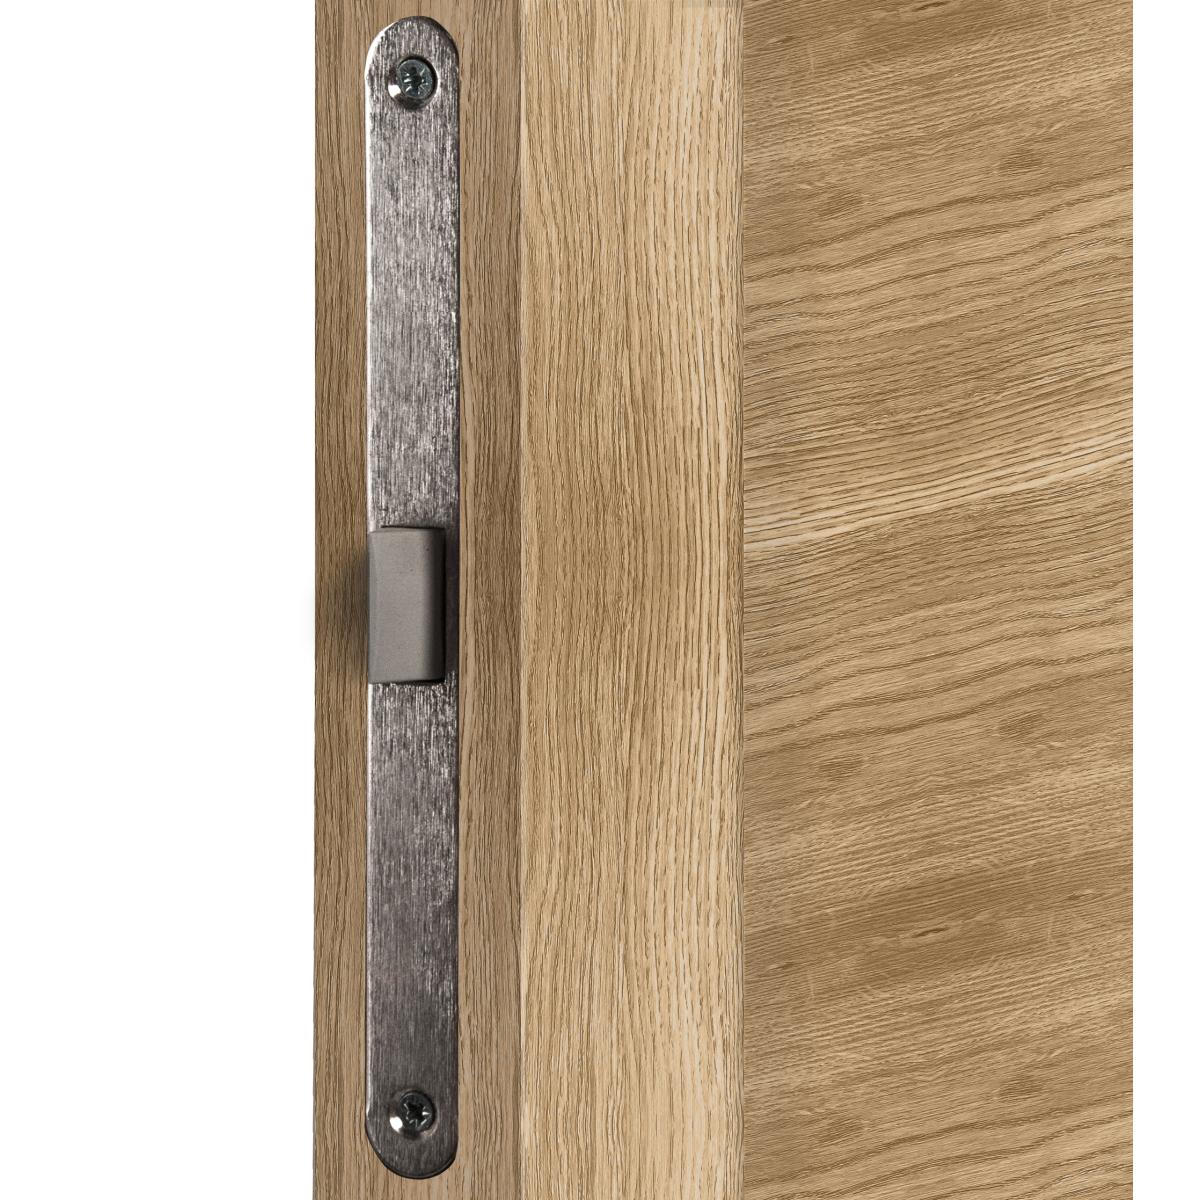 Дверь межкомнатная остеклённая Тренто 70х200 см с фурнитурой ПВХ цвет европейский дуб